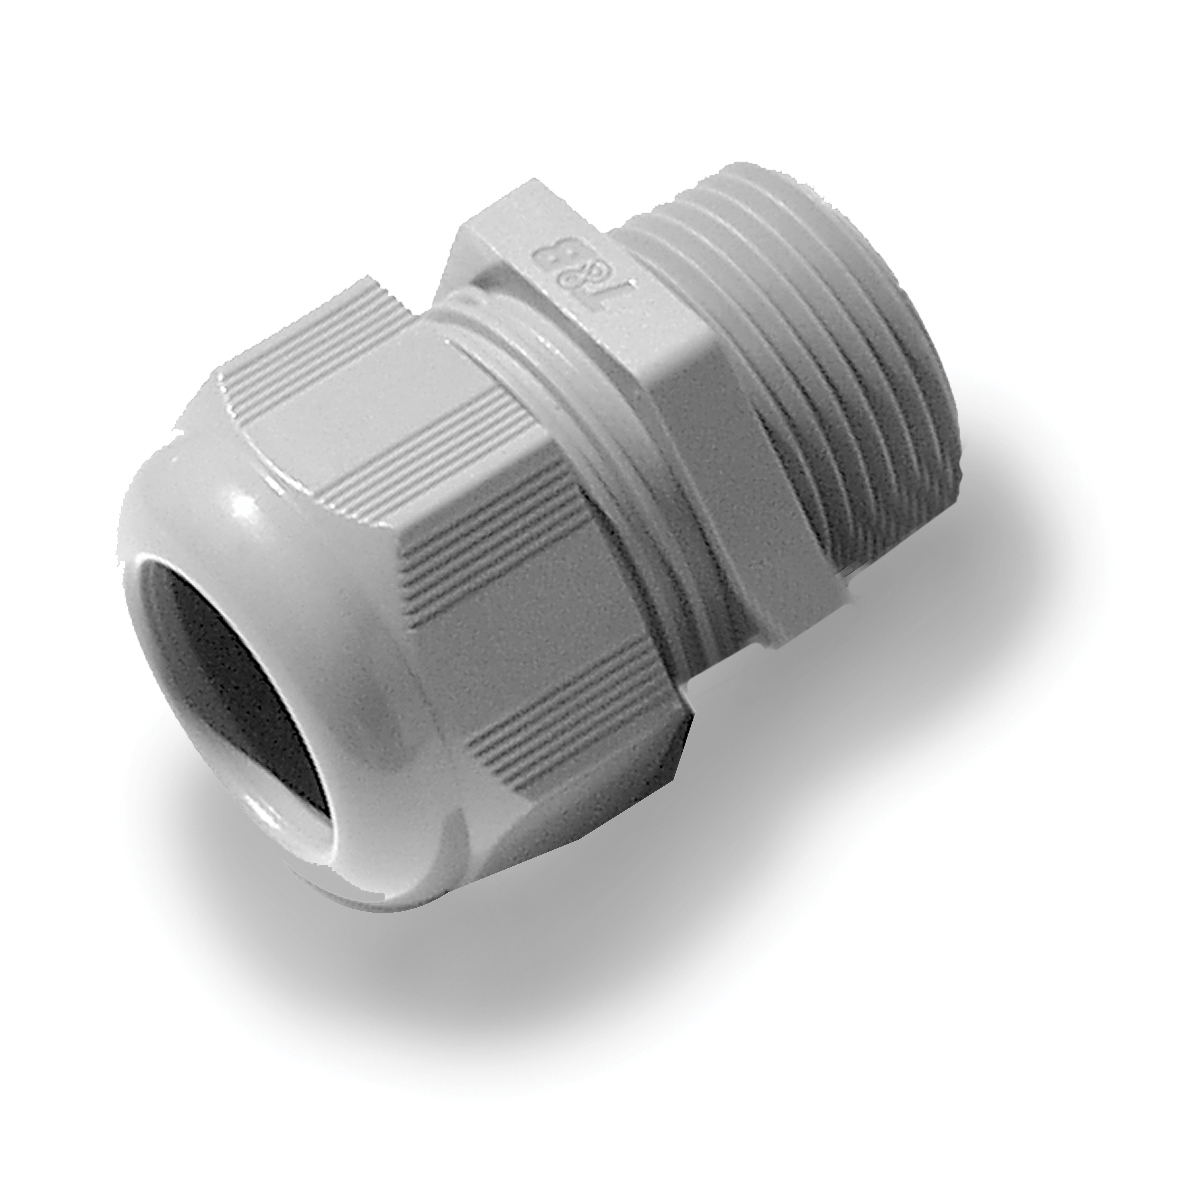 T&B® CC-NPT-38-B Non-Metallic Cable Gland, 3/8 in Thread, 0.197 to 0.394 in Dia Cable, 0.59 in L Thread, Nylon 6